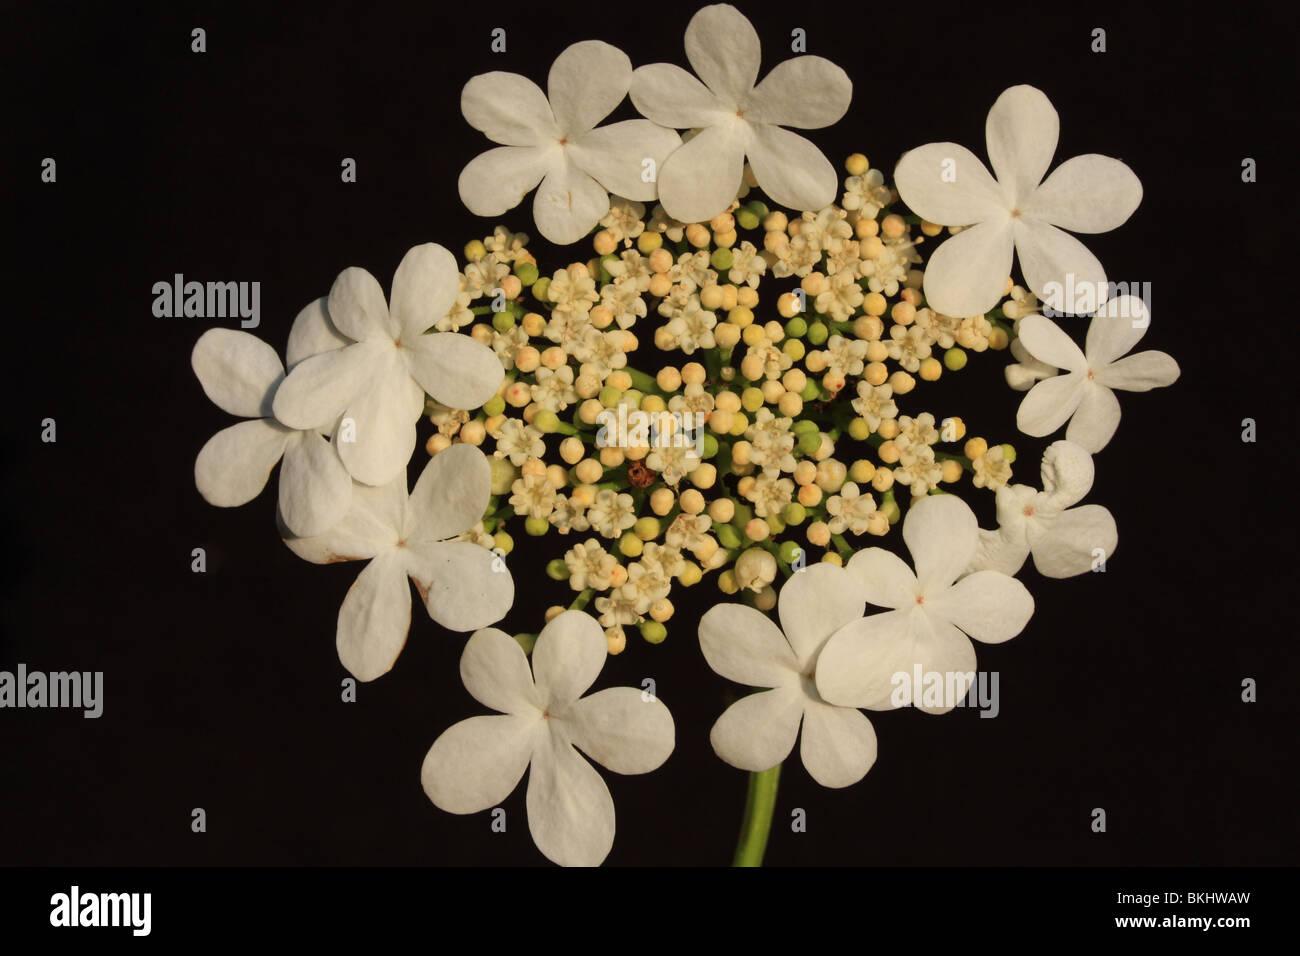 bloeiwijze van Gelderse Roos met steriele randbloemen (of zo je wilt: randstandige schijnbloemen) en centraal echte Stock Photo